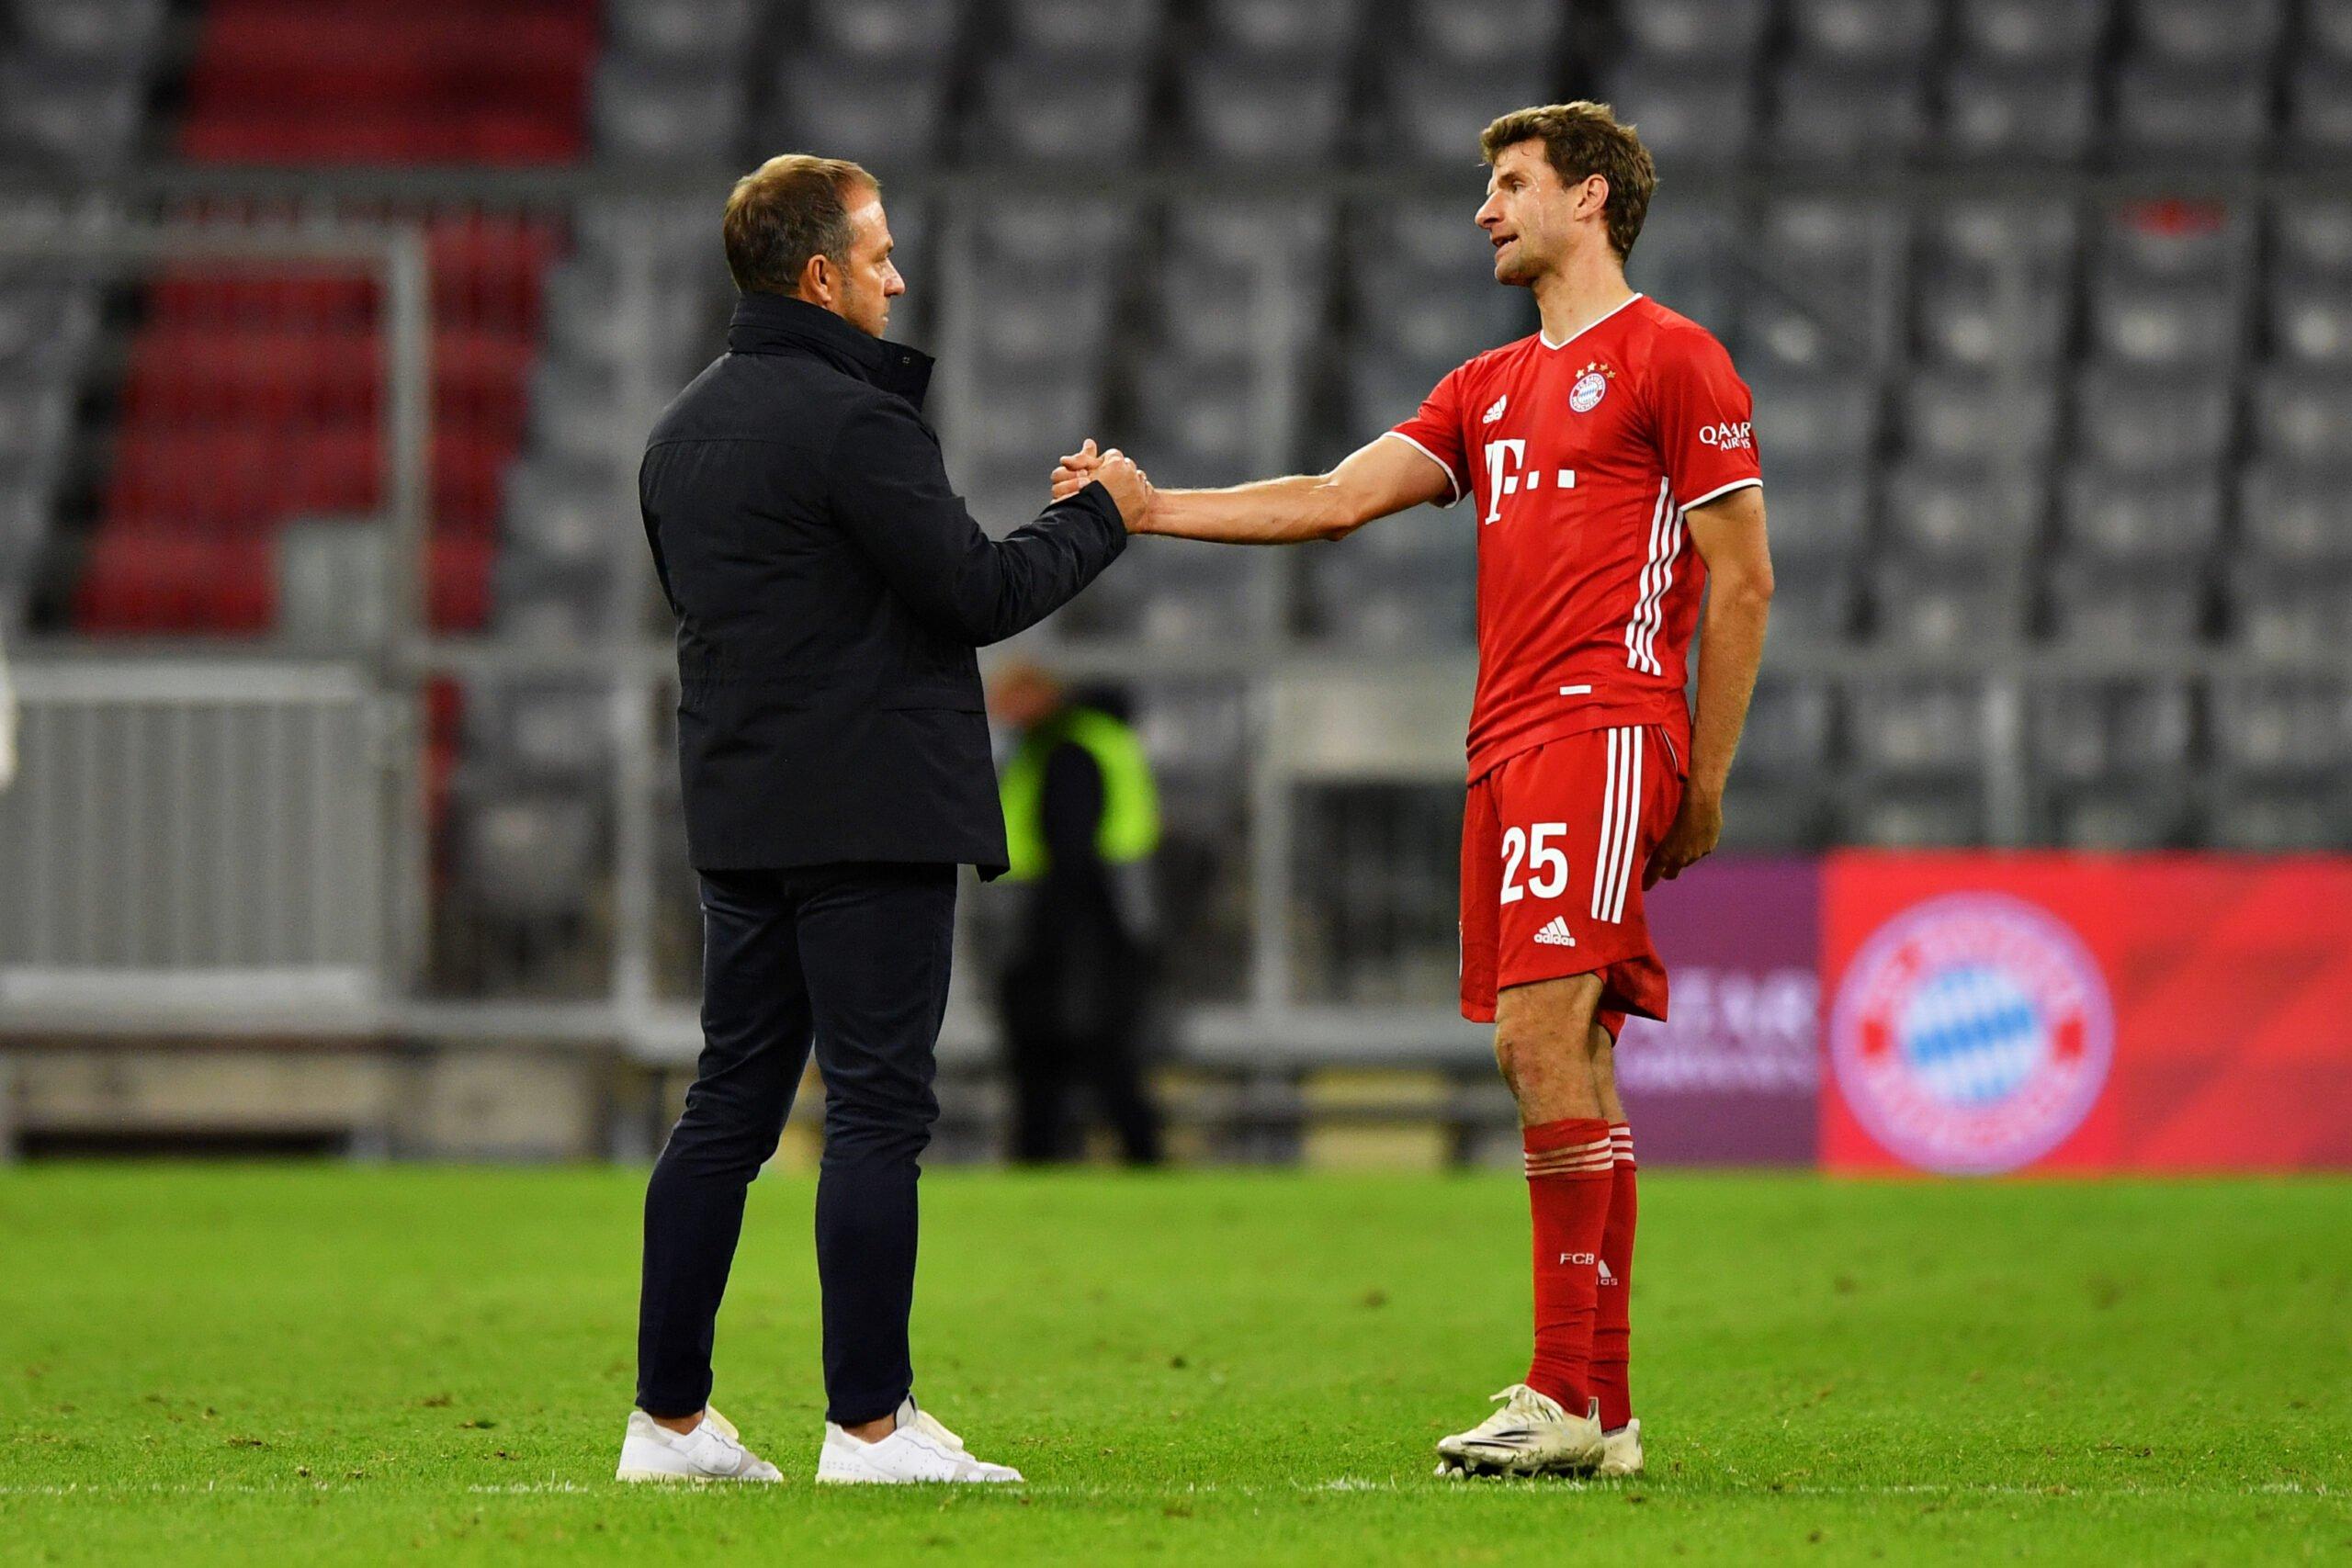 """Flick nimmt sein Team in Schutz: """"Es ist nicht einfach für die Spieler, sie  sind nicht alle zu 100 Prozent"""" - Aktuelle FC Bayern News,  Transfergerüchte, Hintergrundberichte uvm."""